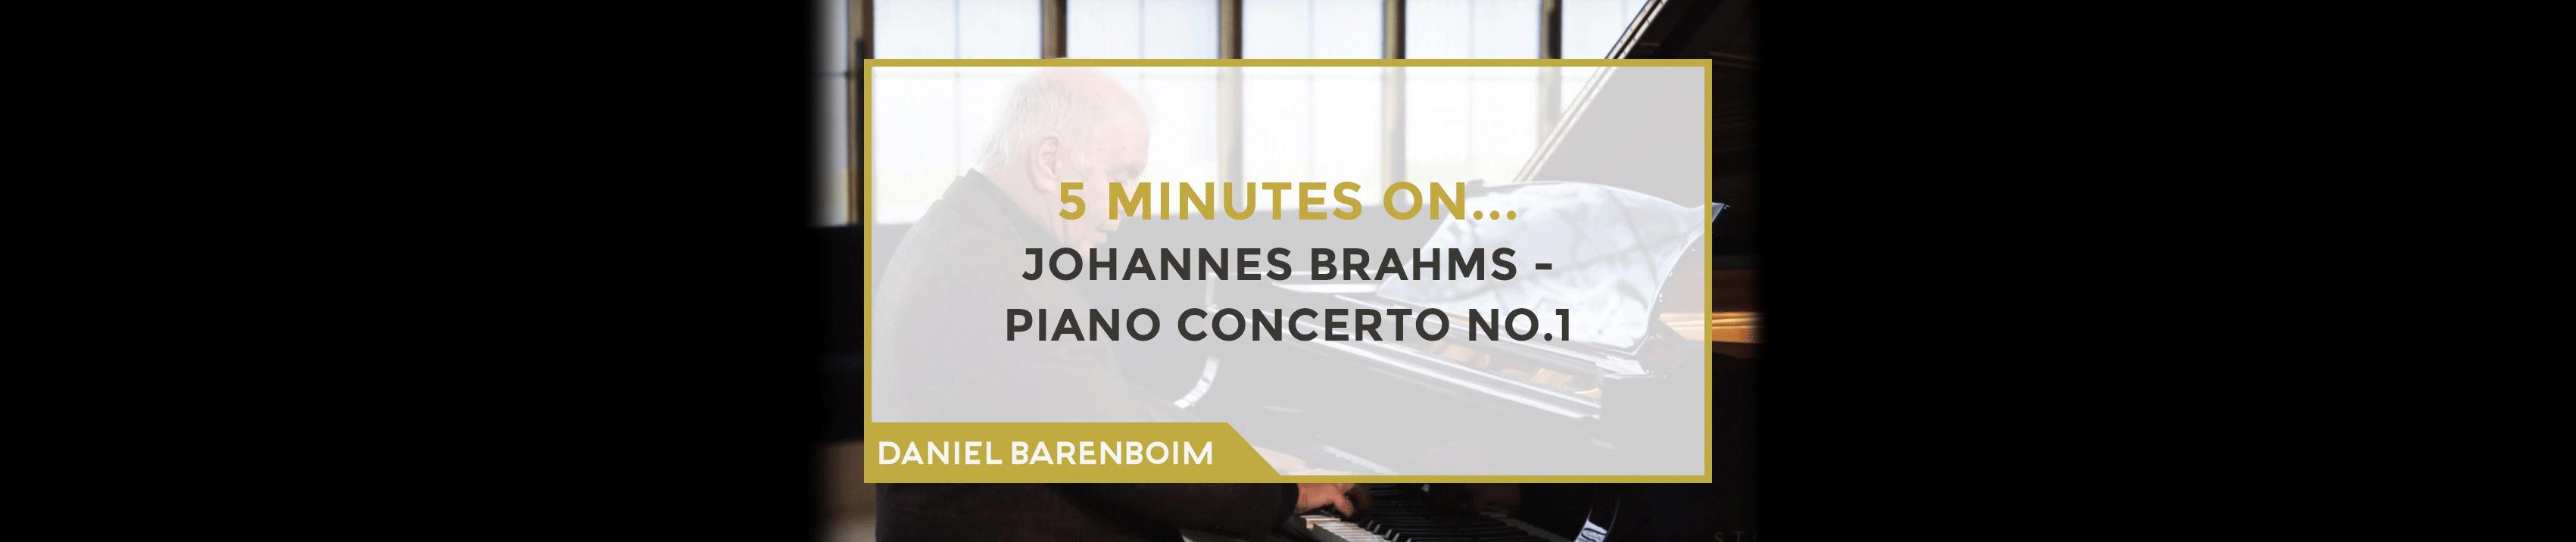 Daniel Barenboim, Brahms' Piano Concerto No.1